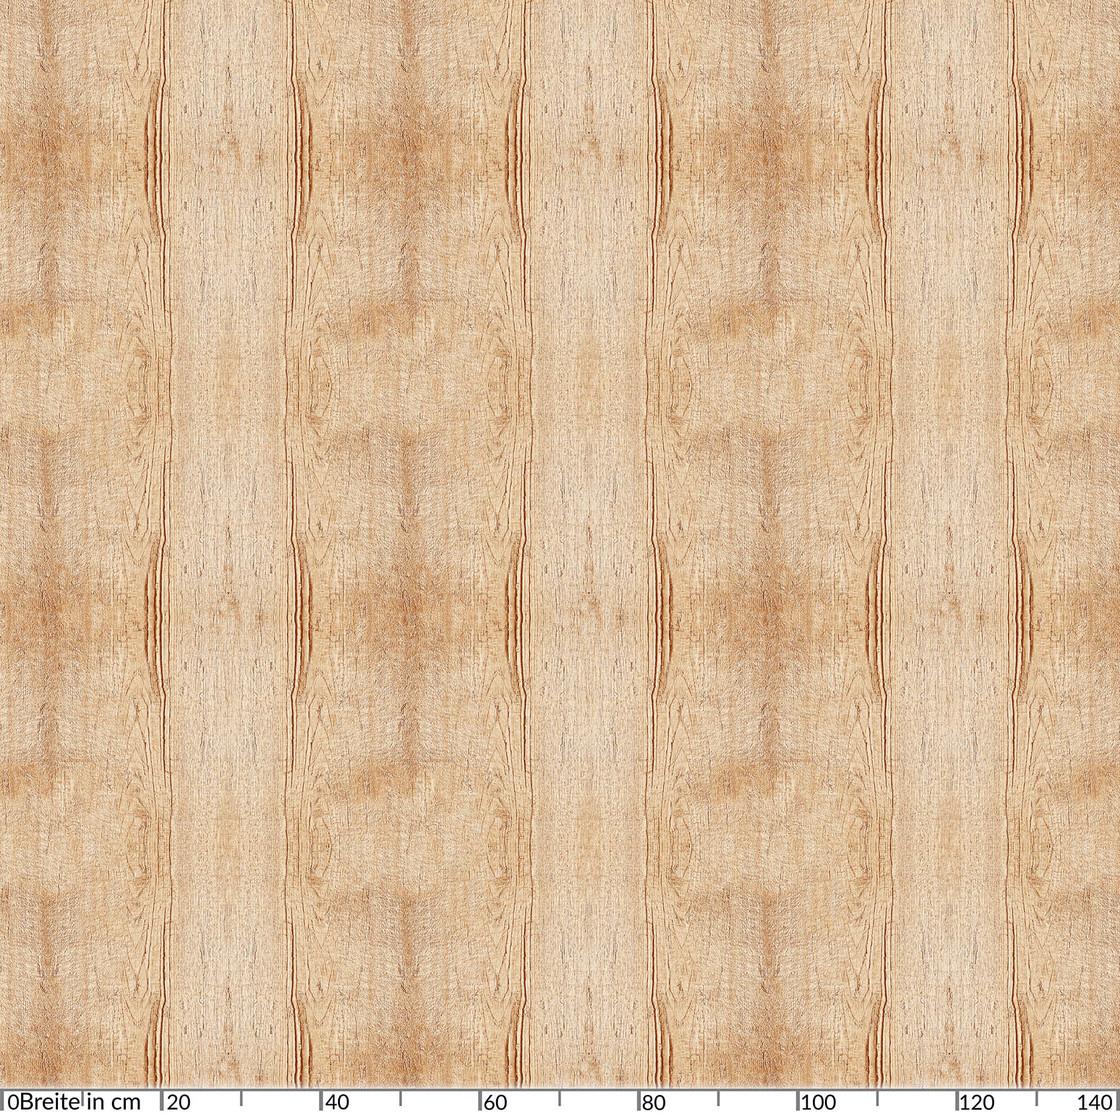 Anro Trade Gmbh bestimmt für Tischdecke Holzoptik